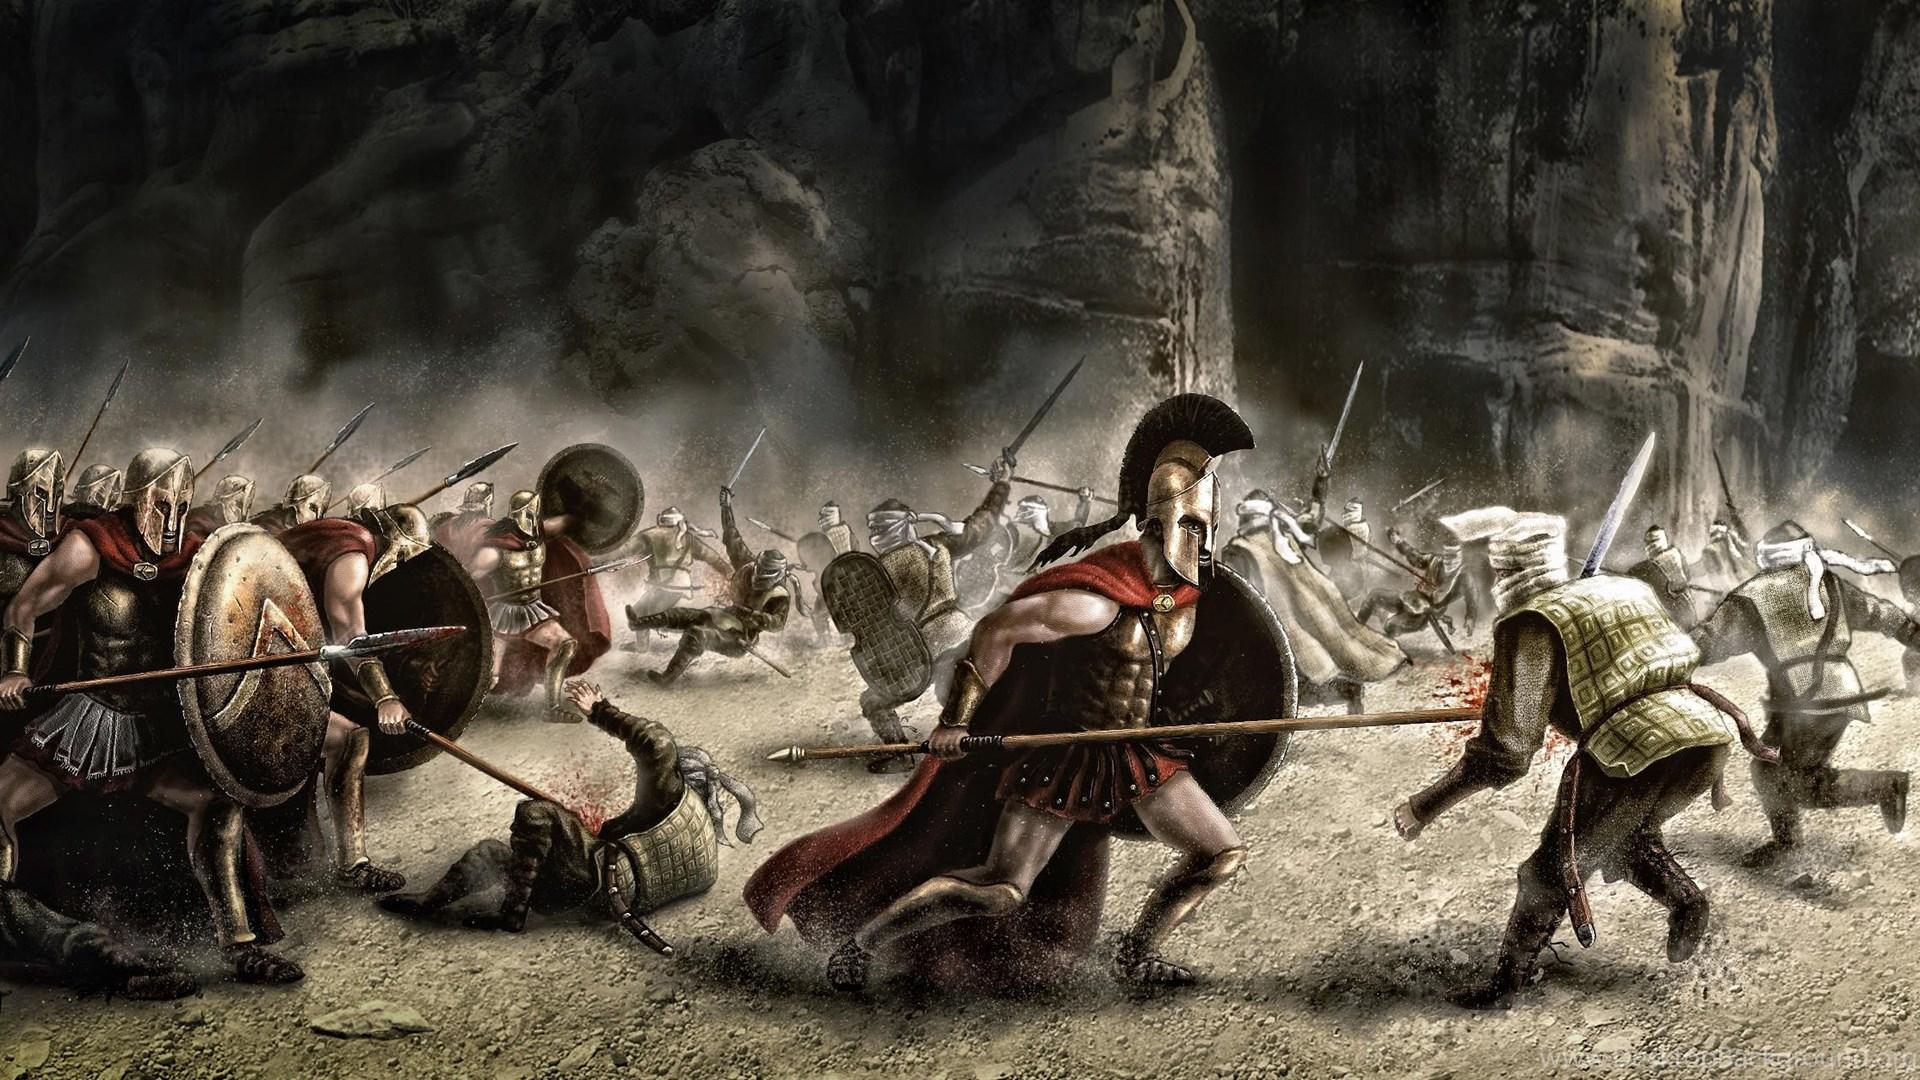 300 spartans wallpaper 1920x1080